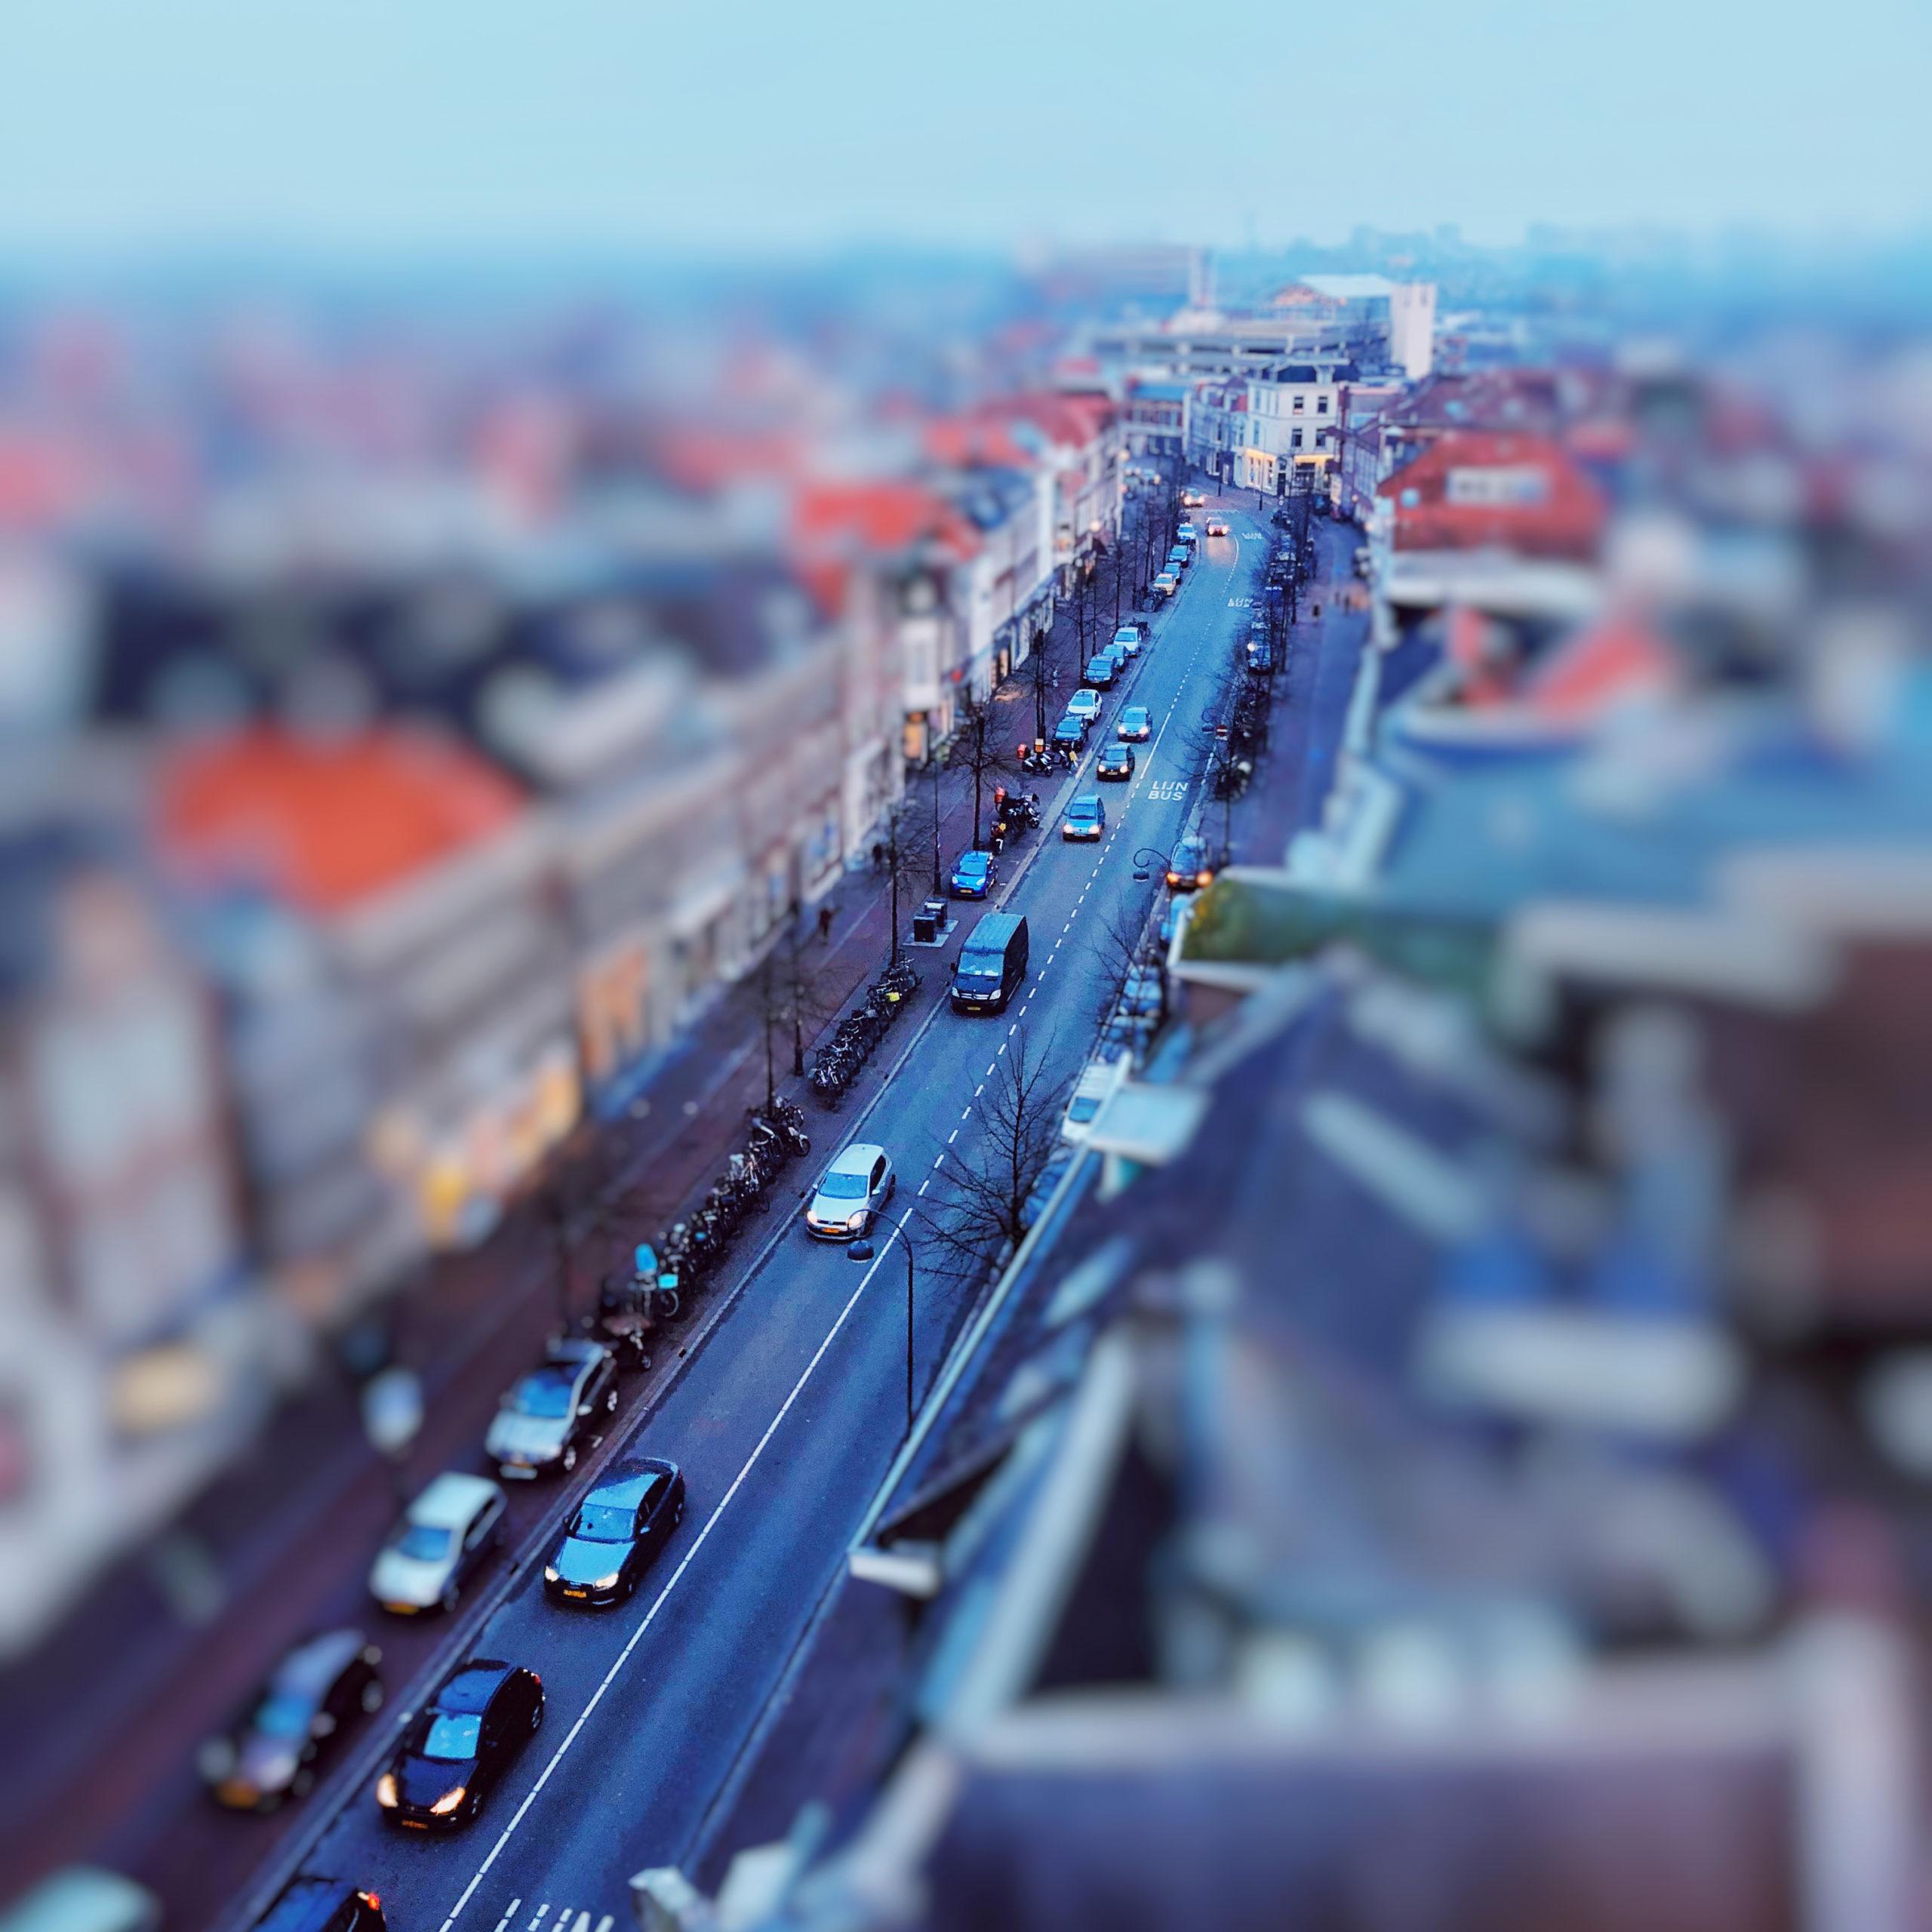 tilt shift foto's maken met je smartphone